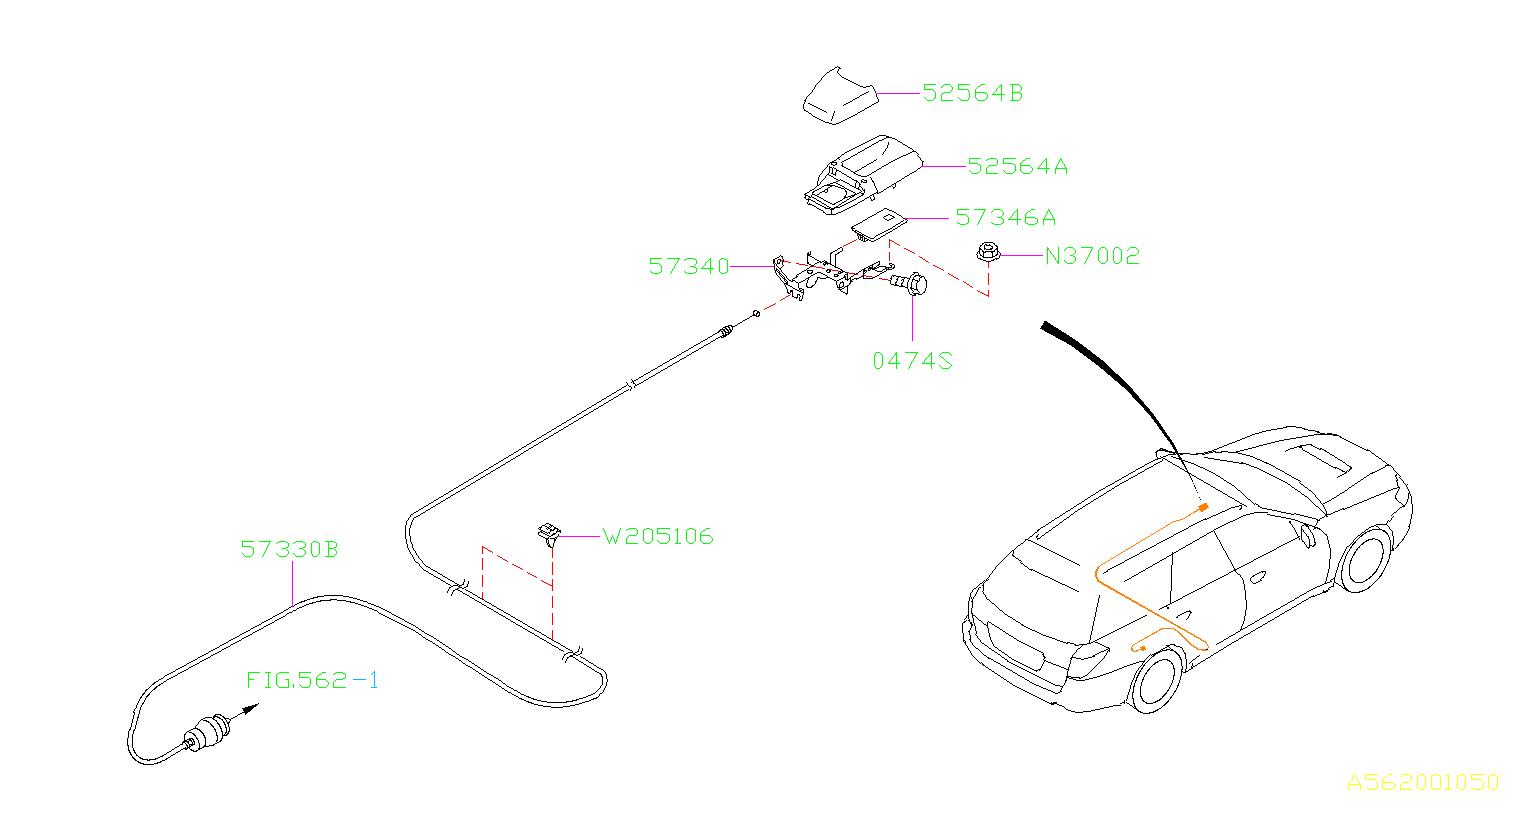 Subaru Outback Fuel Door Release Handle  Knob